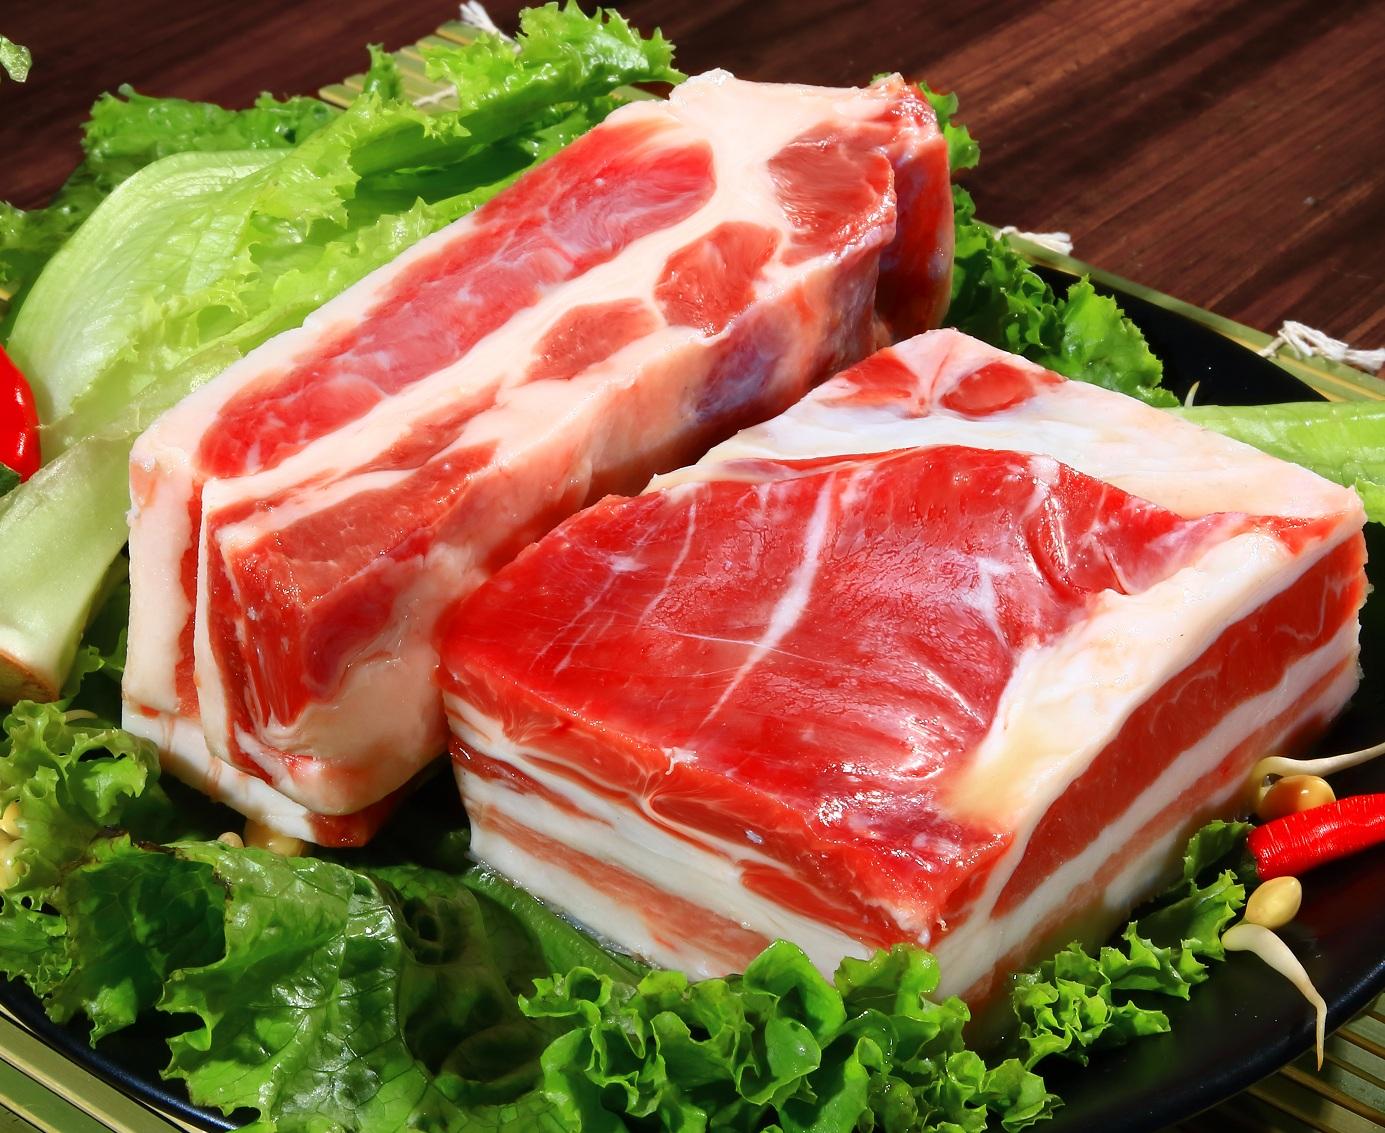 年内第11批!华储网20日将投放2万吨中央储备肉